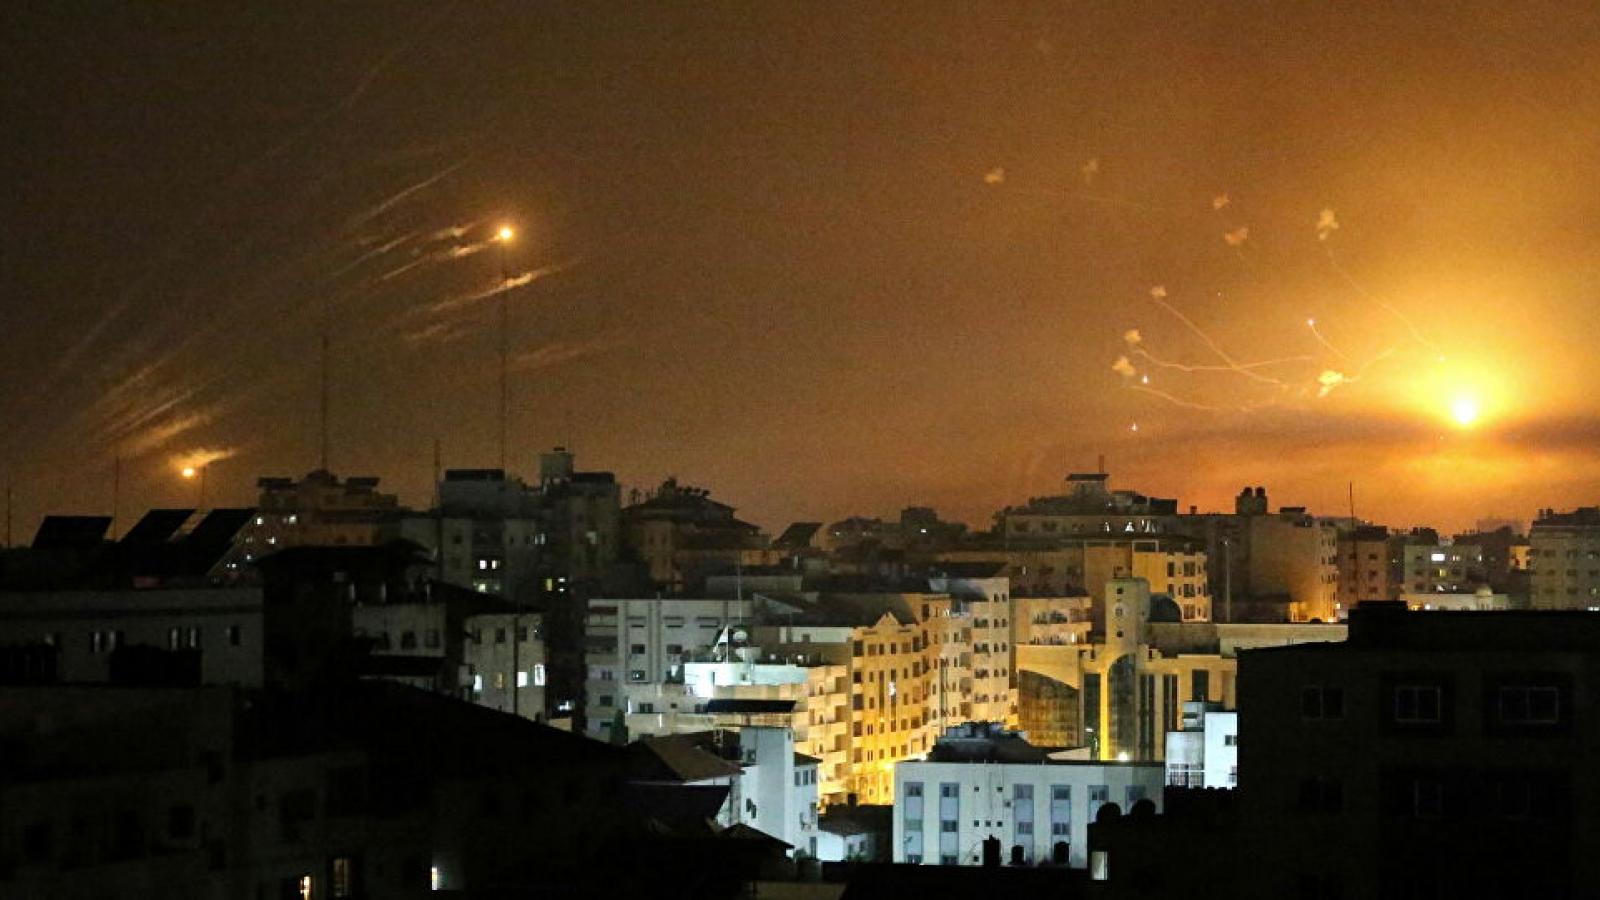 Hệ thống Vòm Sắt của Israel bắn hạ hàng chục tên lửa nã vào Tel Aviv